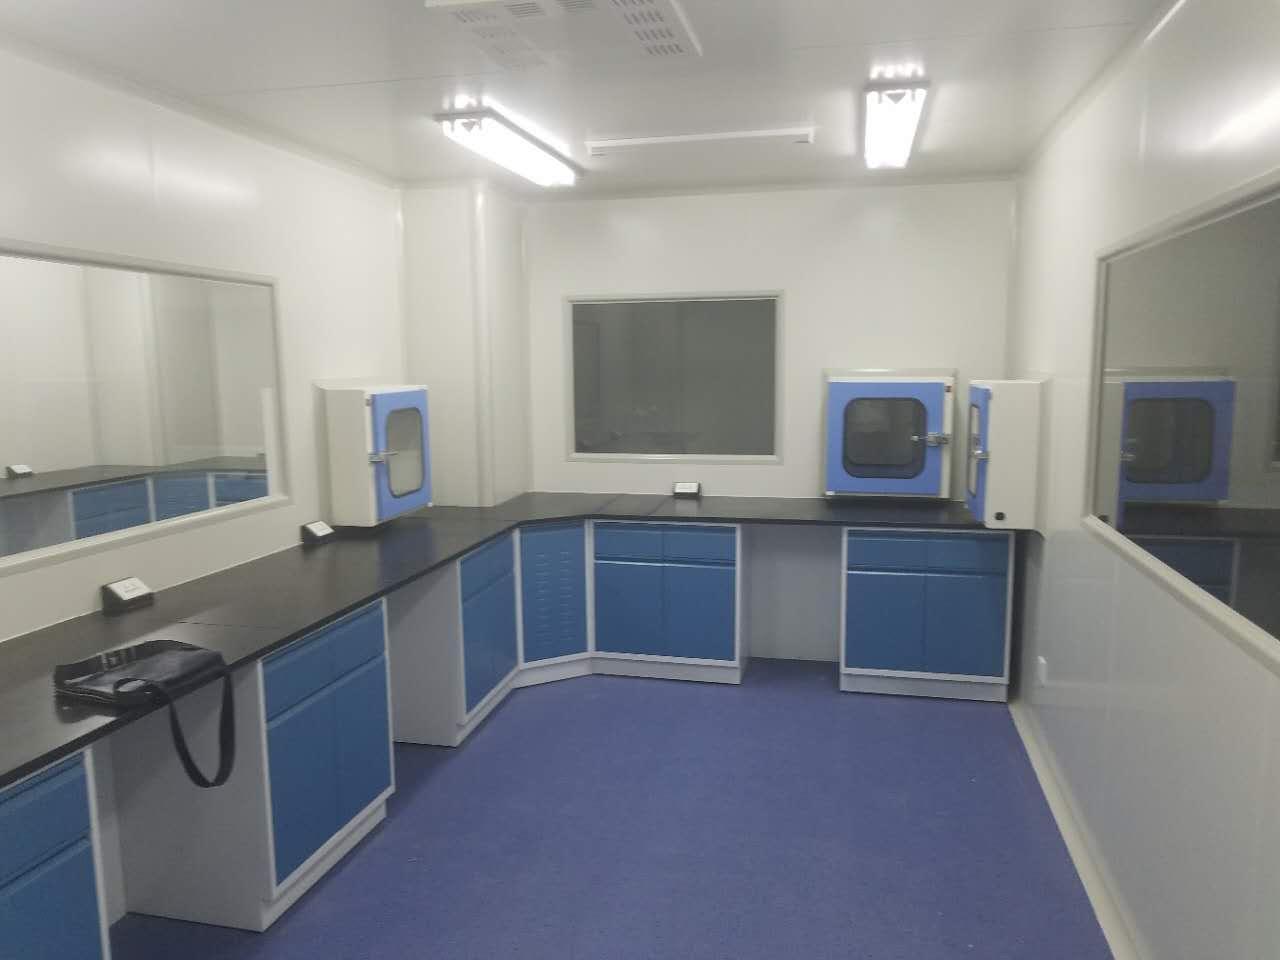 北京美泰诺格净化工程技术公司是一家专业服务于空气净化和实验室规划工程的高科技企业。产品广泛应用于半导体、微电子、光电技术、精细化工、精密机械和食品生产包装、生物工程、医药卫生、高校、科研实验室等领域。 公司拥有强大的销售团队、众多专业技术人才,精湛的施工安装队伍、良好的售后服务;可按ISO14644-1标准、GB50073-2001国家标准及国家GMP规范要求为微电子、光电技术、精细化工、精密机械和食品饮料、生物医药、医院手术室、高校、科研实验室、光纤光缆及新材料应用等行业提供专业的空气净化系统工程设计、